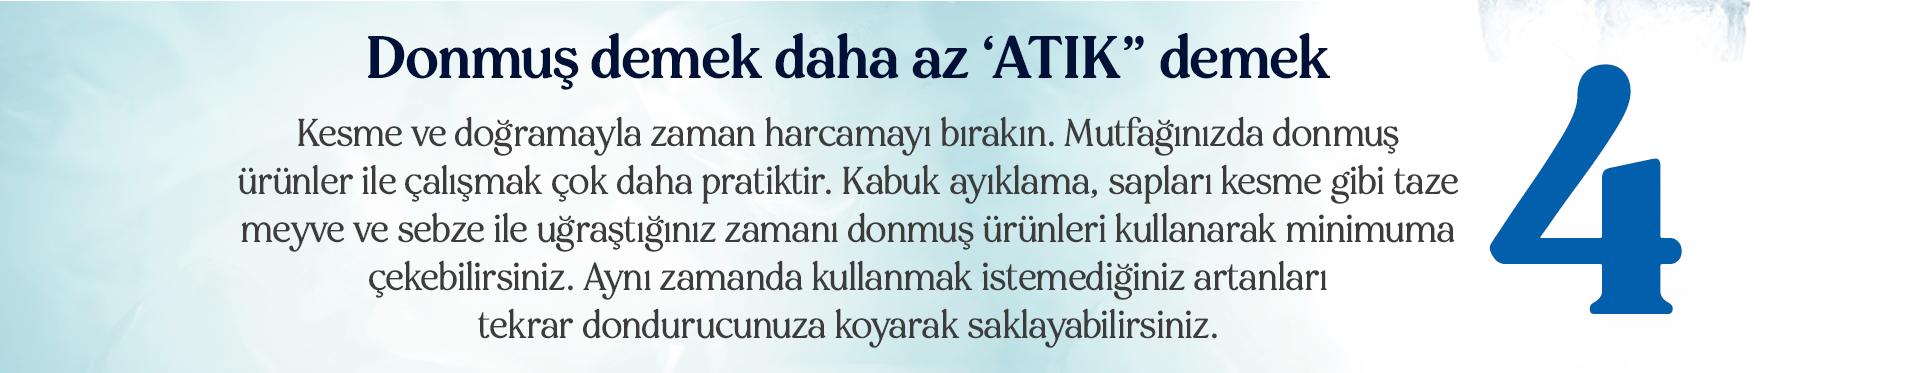 atik4